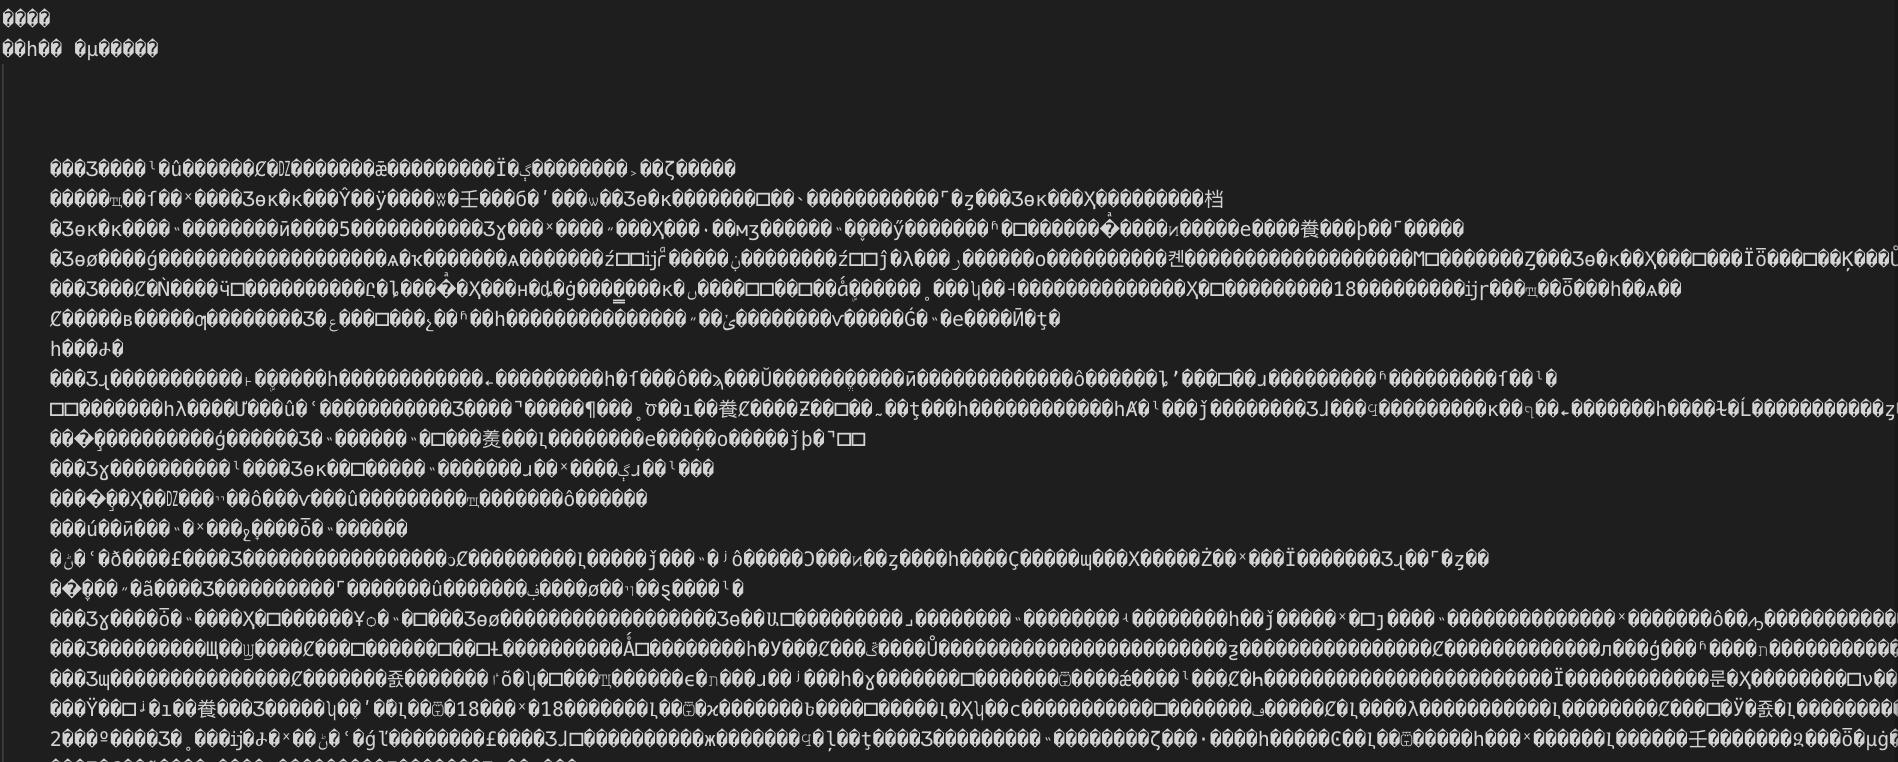 Screenshot 2019-10-19 at 22.57.47.png